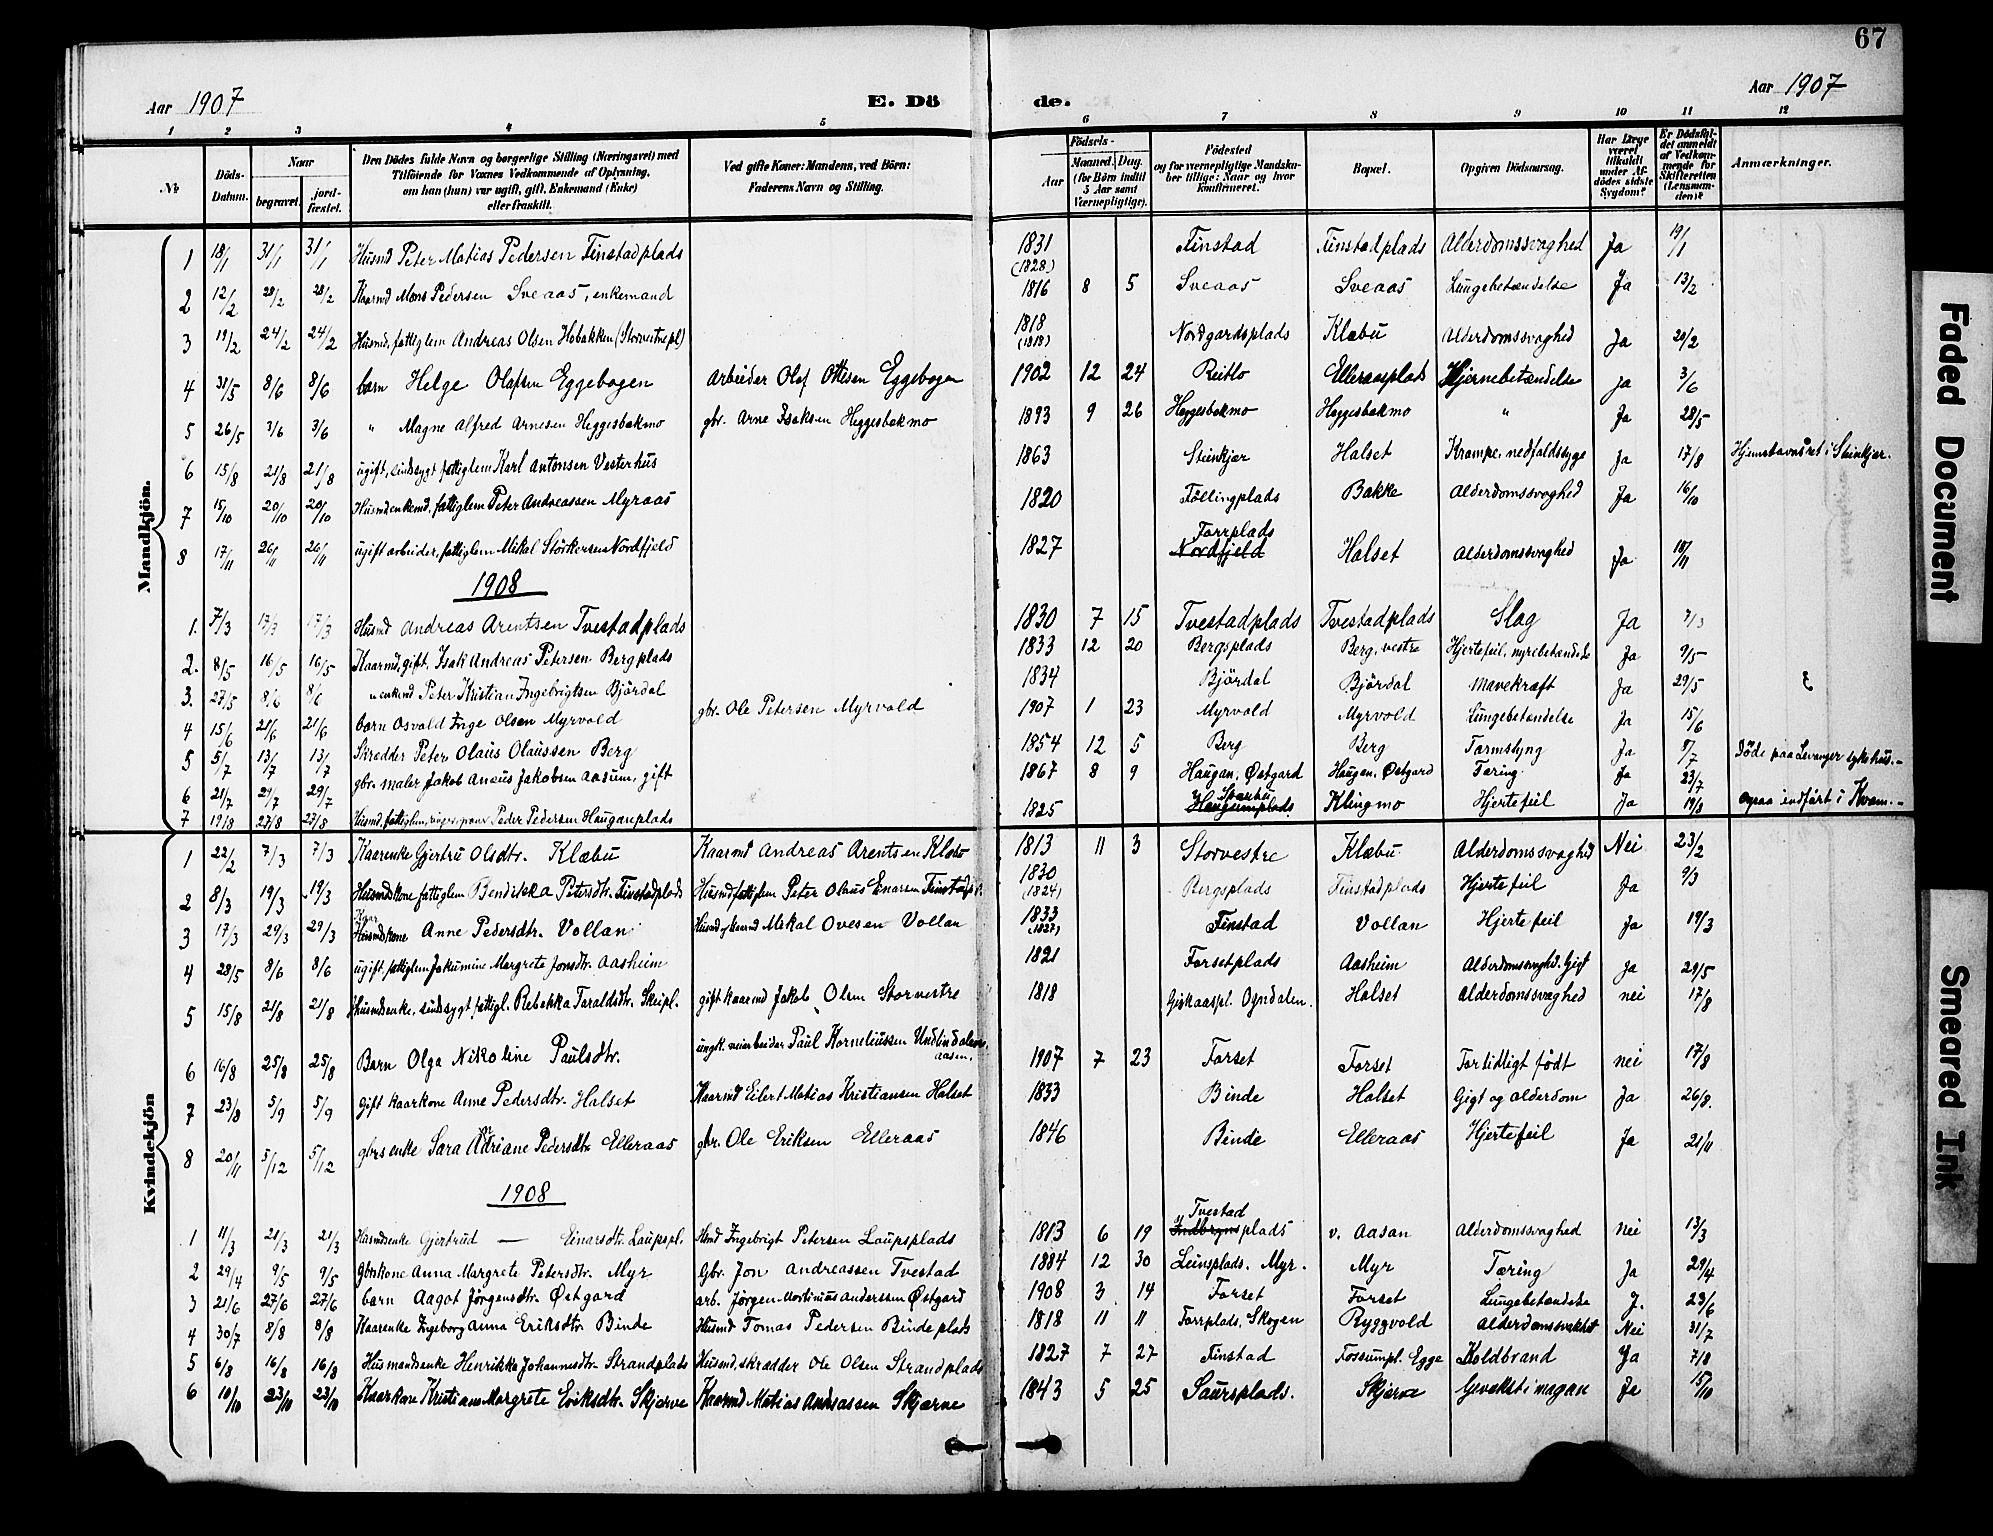 SAT, Ministerialprotokoller, klokkerbøker og fødselsregistre - Nord-Trøndelag, 746/L0452: Ministerialbok nr. 746A09, 1900-1908, s. 67